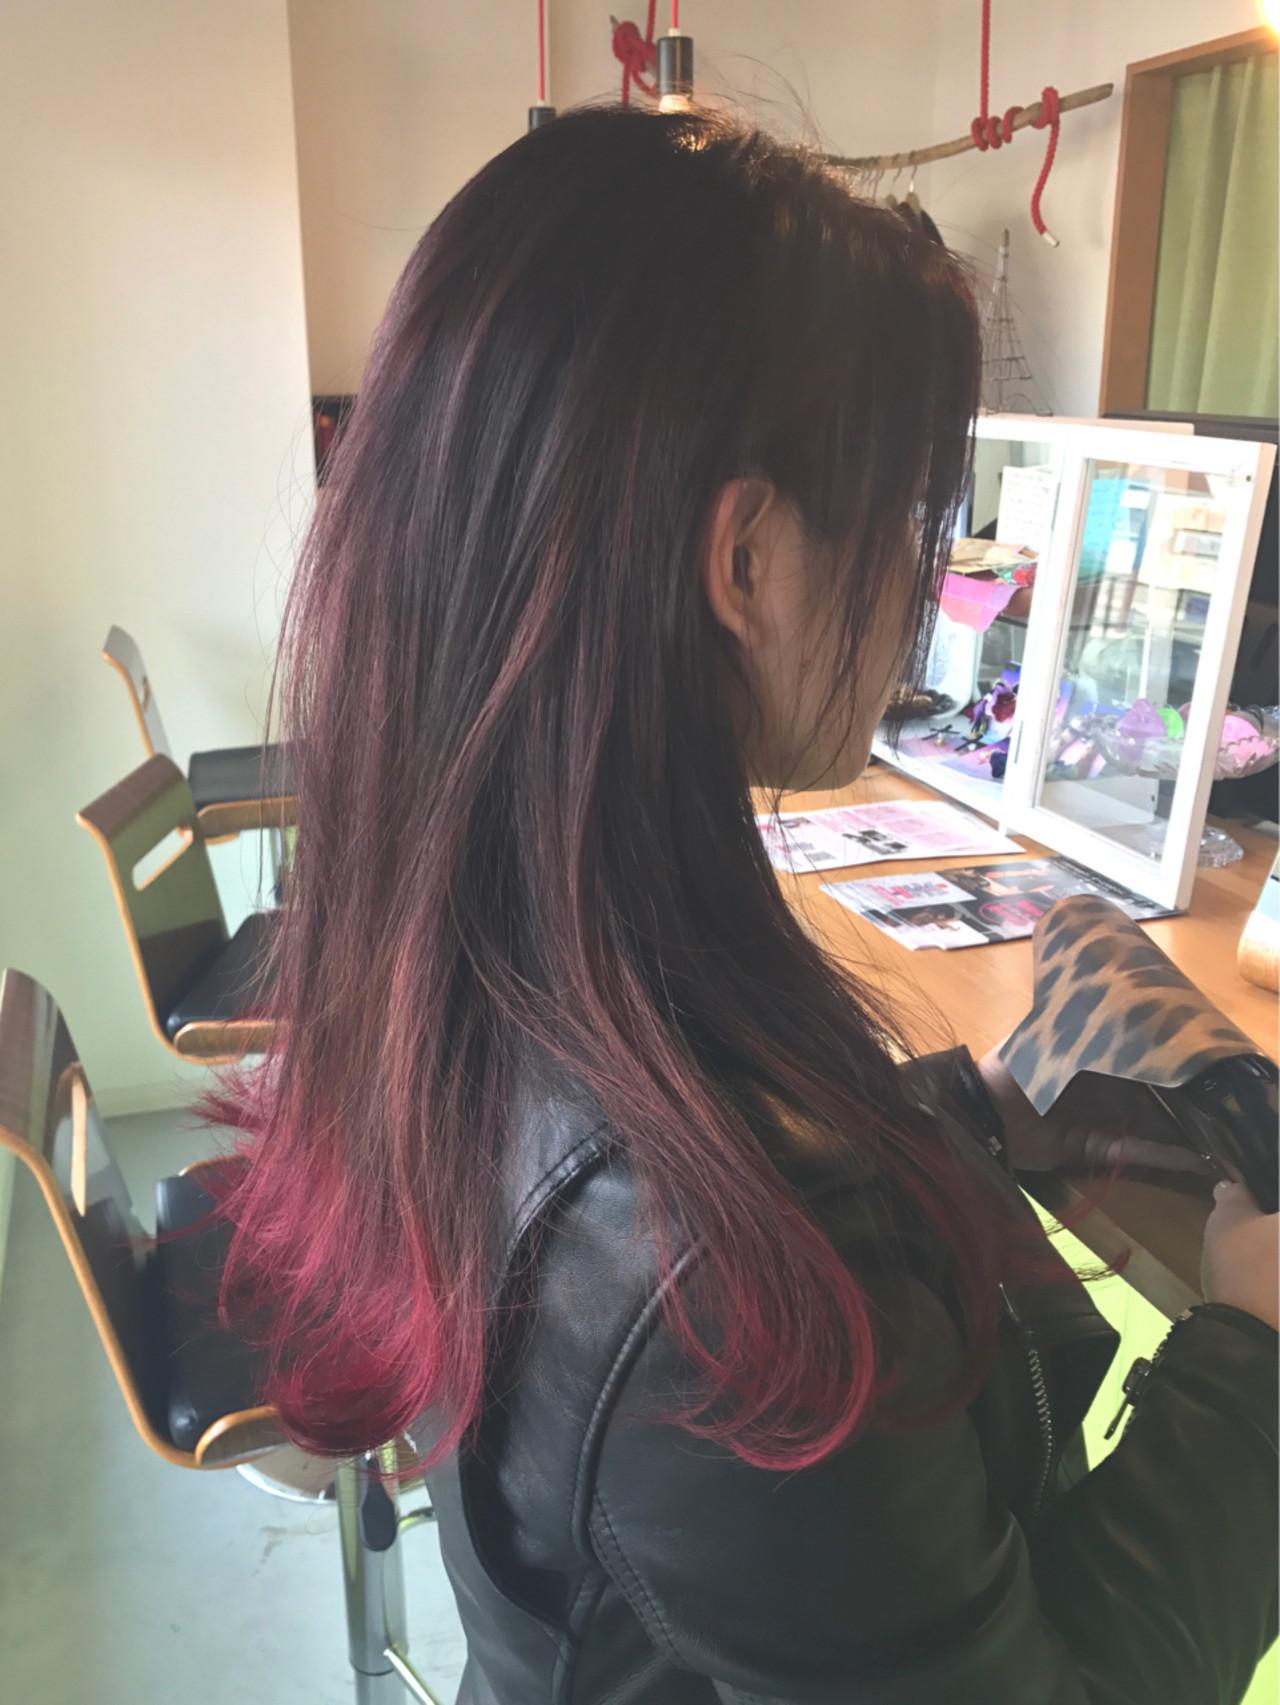 冒険するのも楽しいかも…自分に合ったカラーを探そう sowi 阿部 辰也 | sowi hair design ソーイ